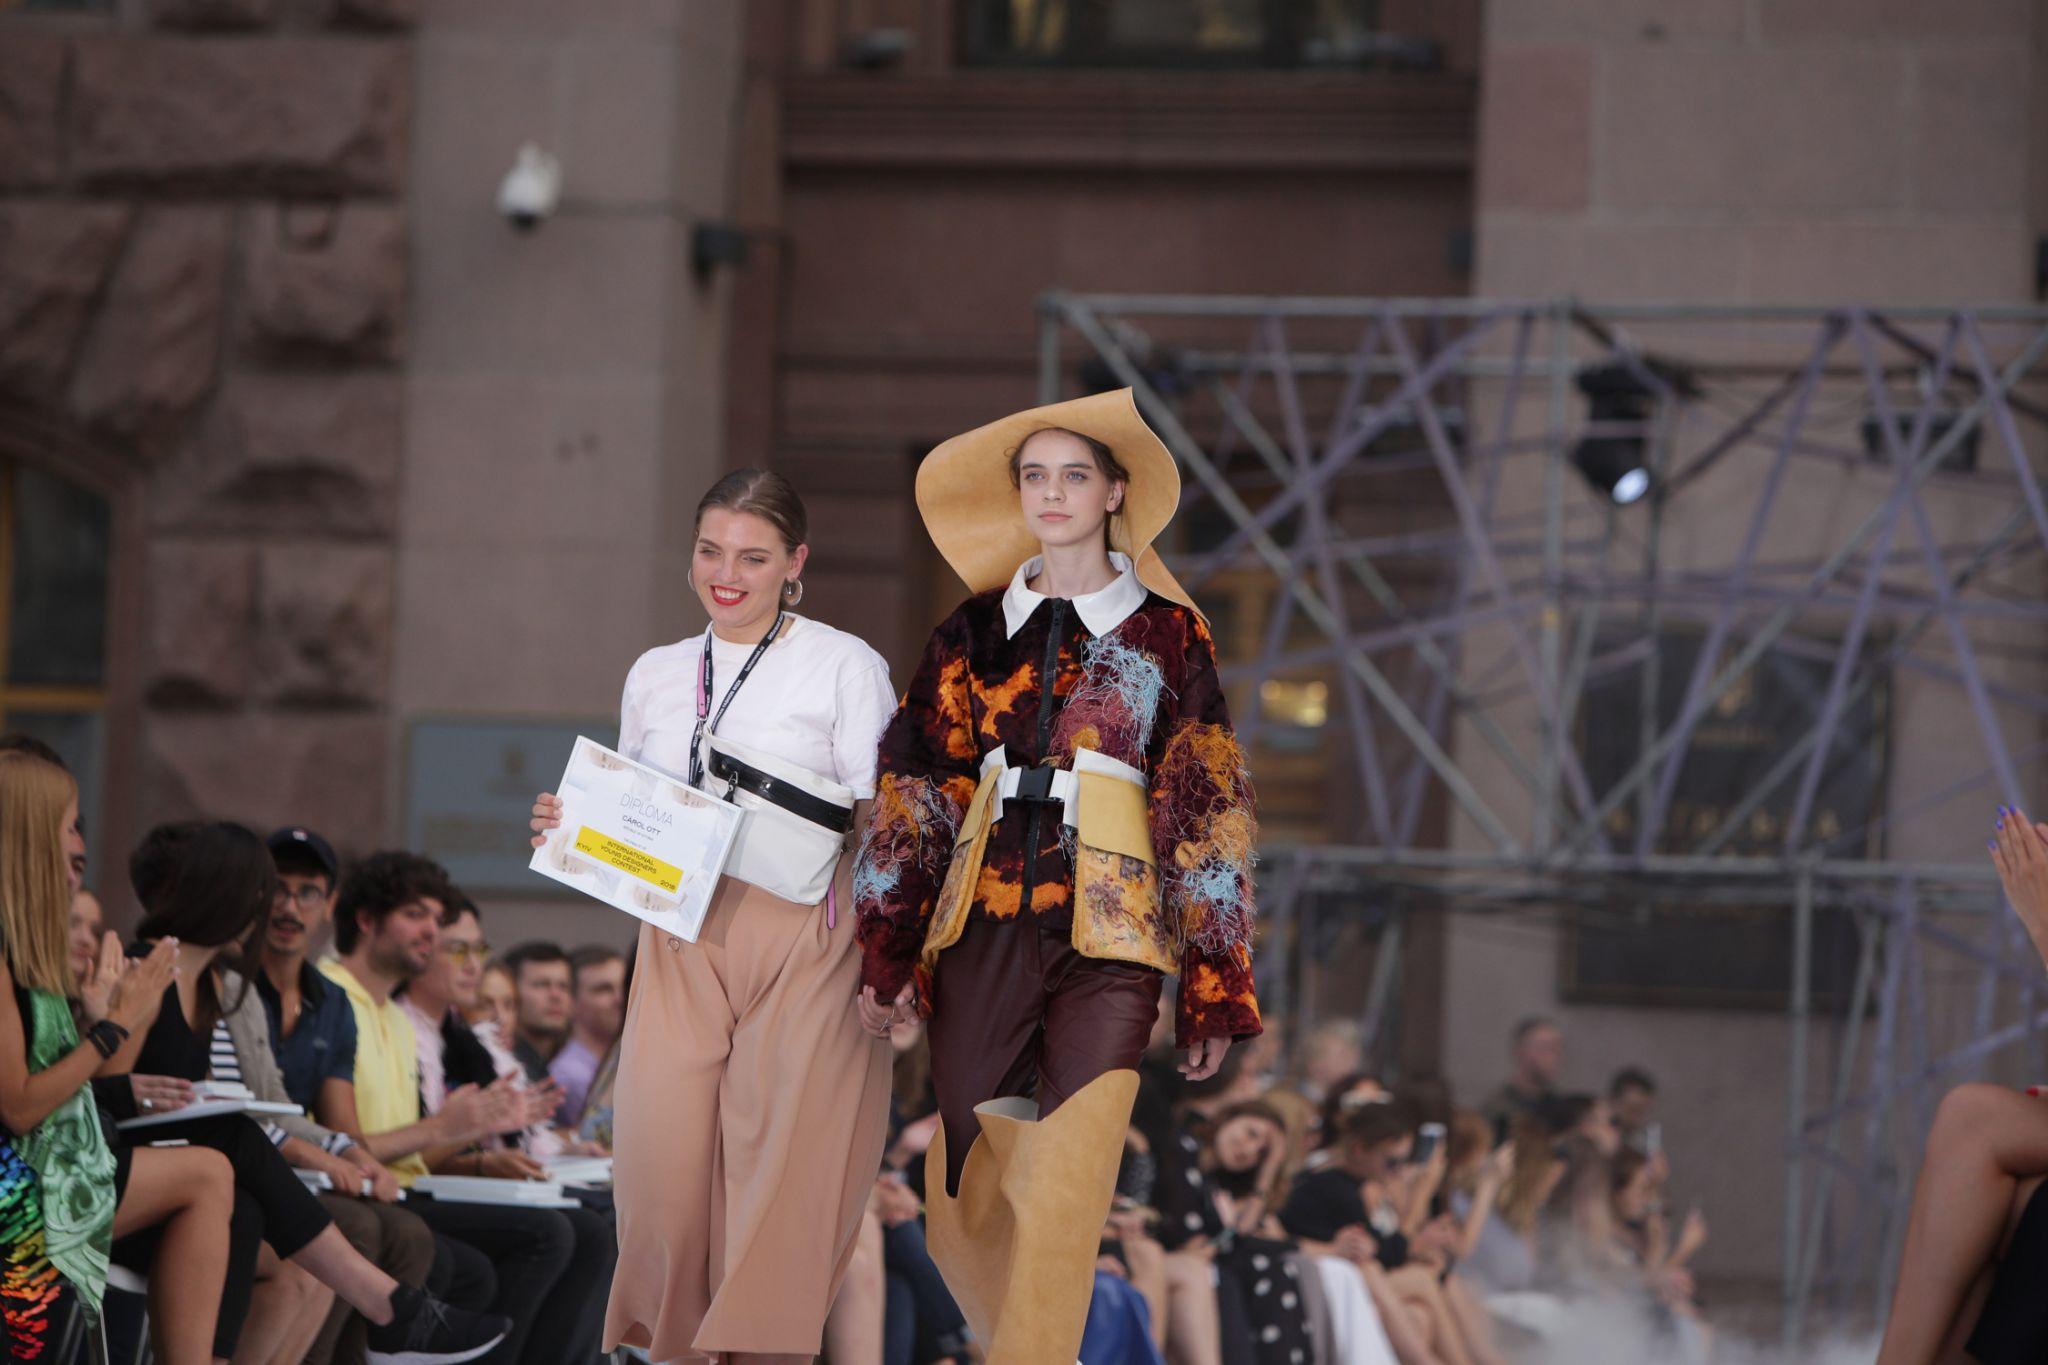 Rahvusvahelise Noorte Disainerite Konkursi võitis eestlane Cärol Ott